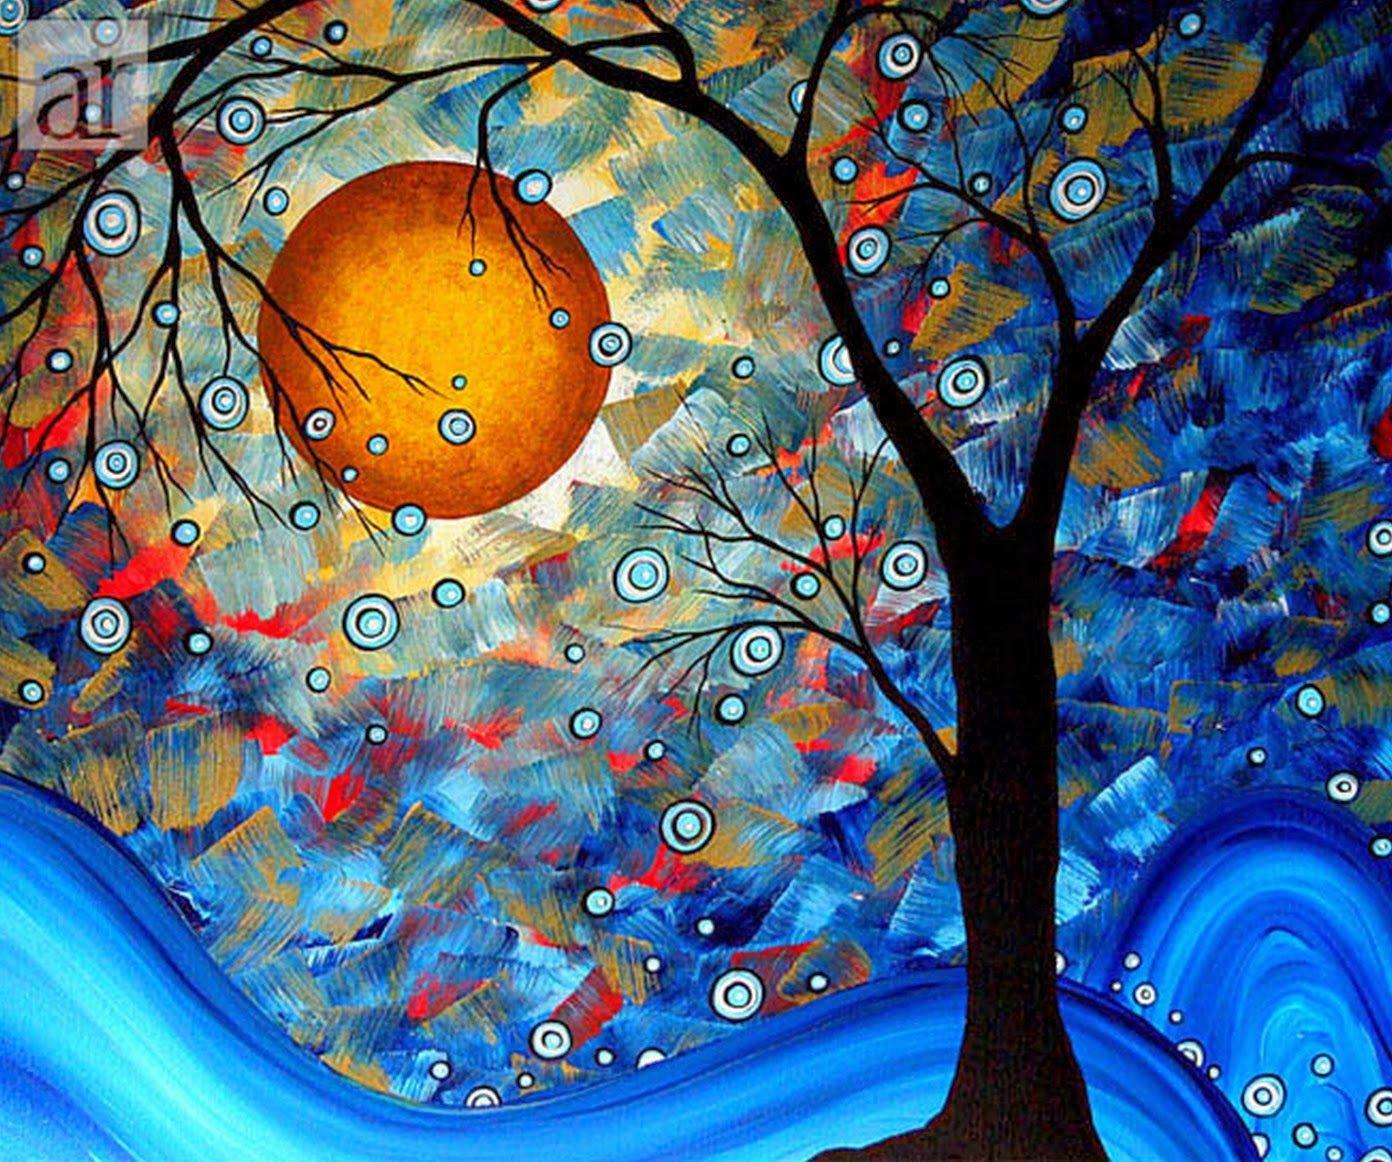 Cuadros modernos pinturas y dibujos abstractos for Imagenes cuadros abstractos modernos